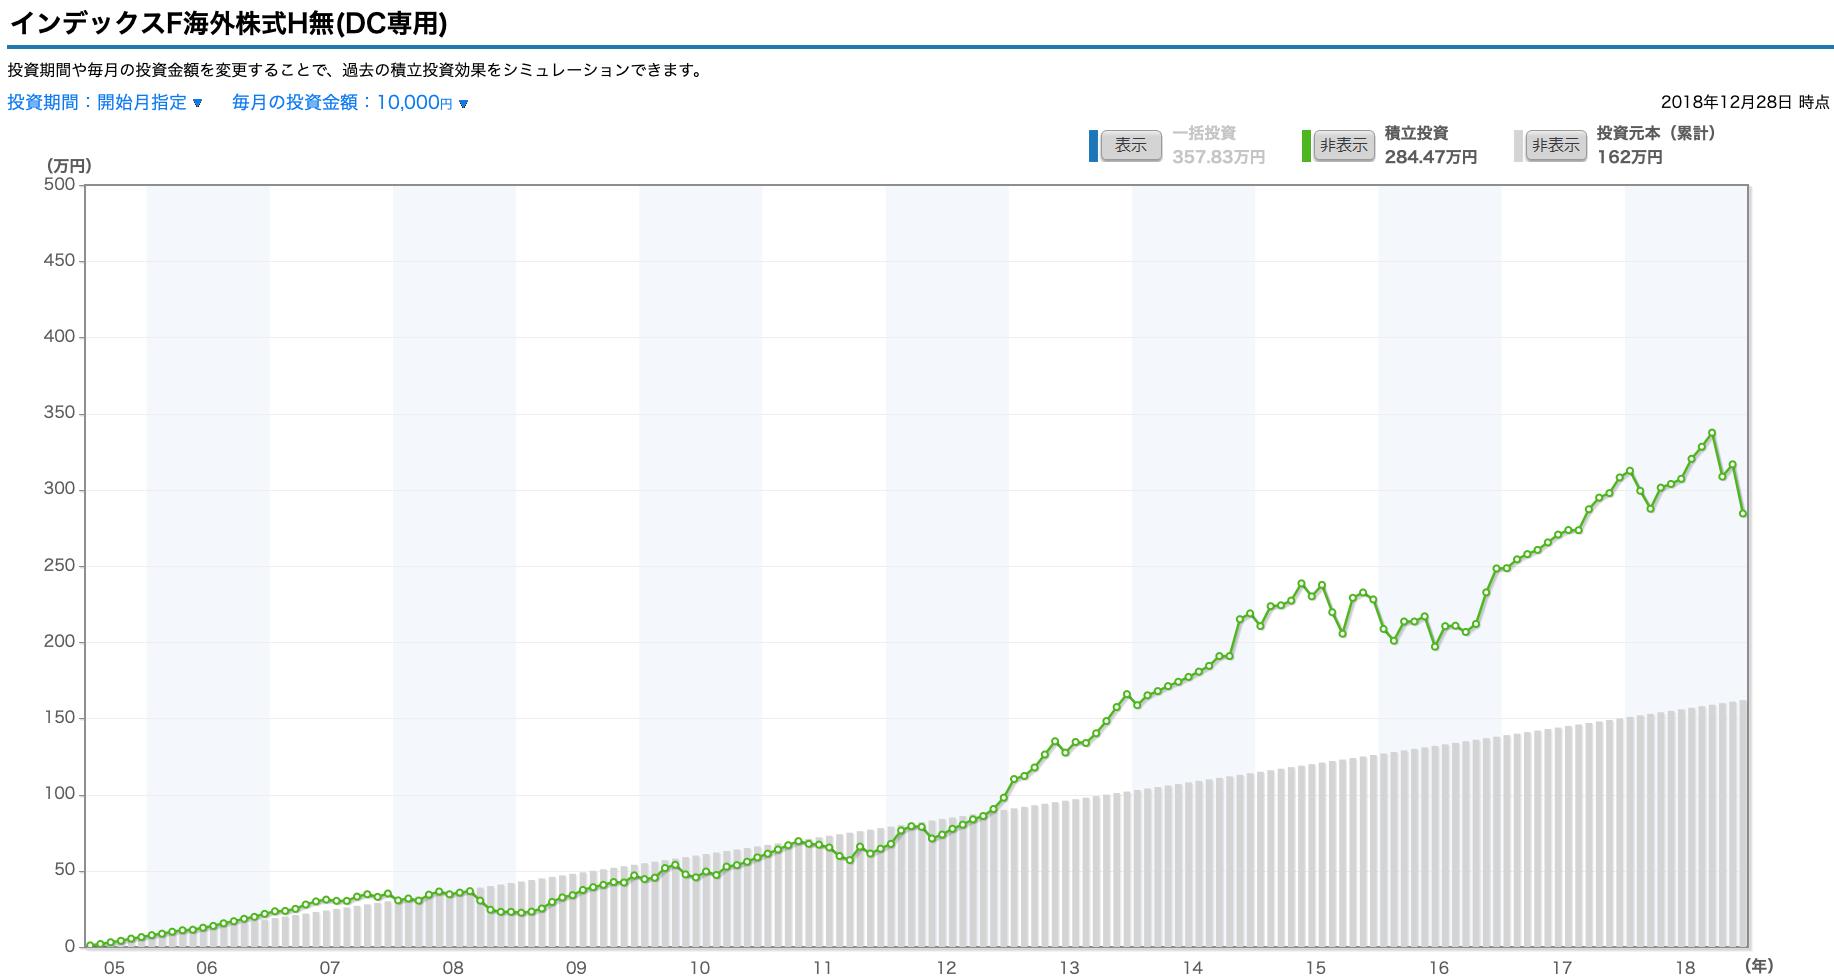 インデックスファンド海外株式積立シミュレーション